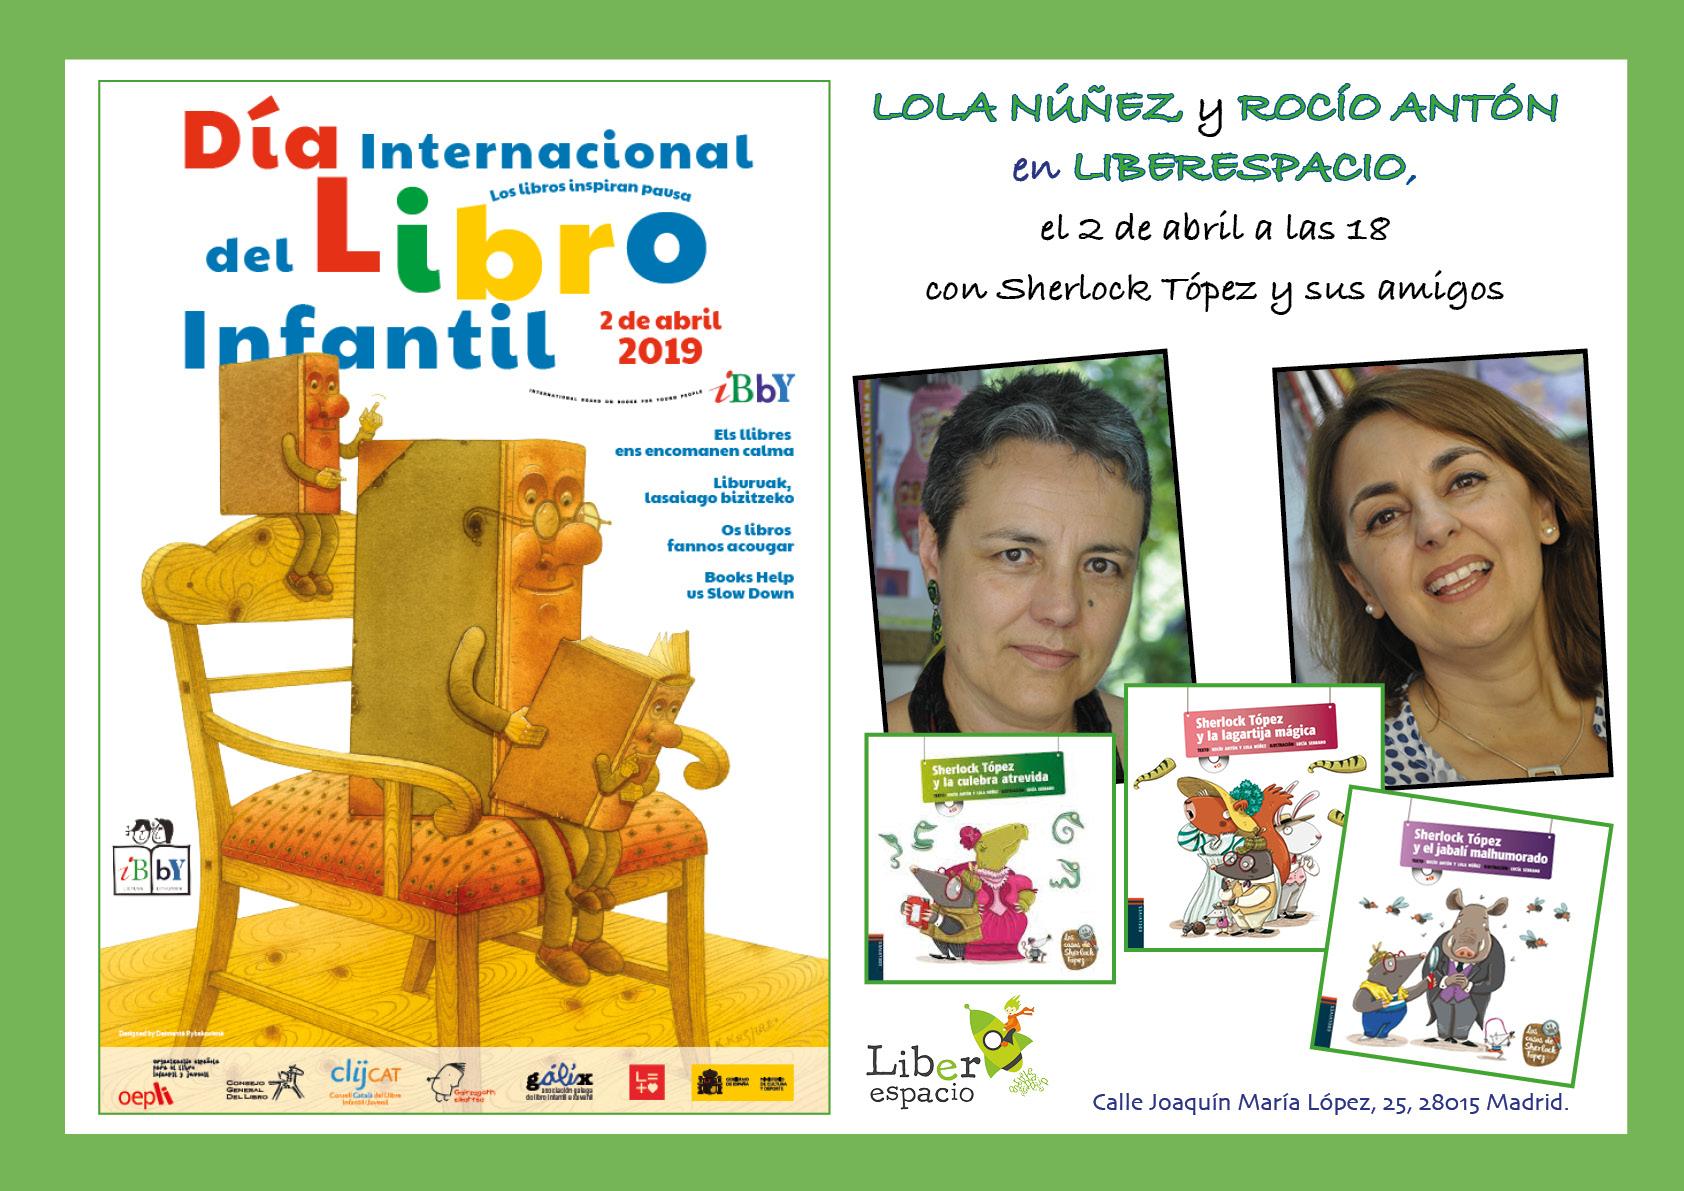 Rocio Antón y Lola Nuñez nos cuentan Sherlock Topez